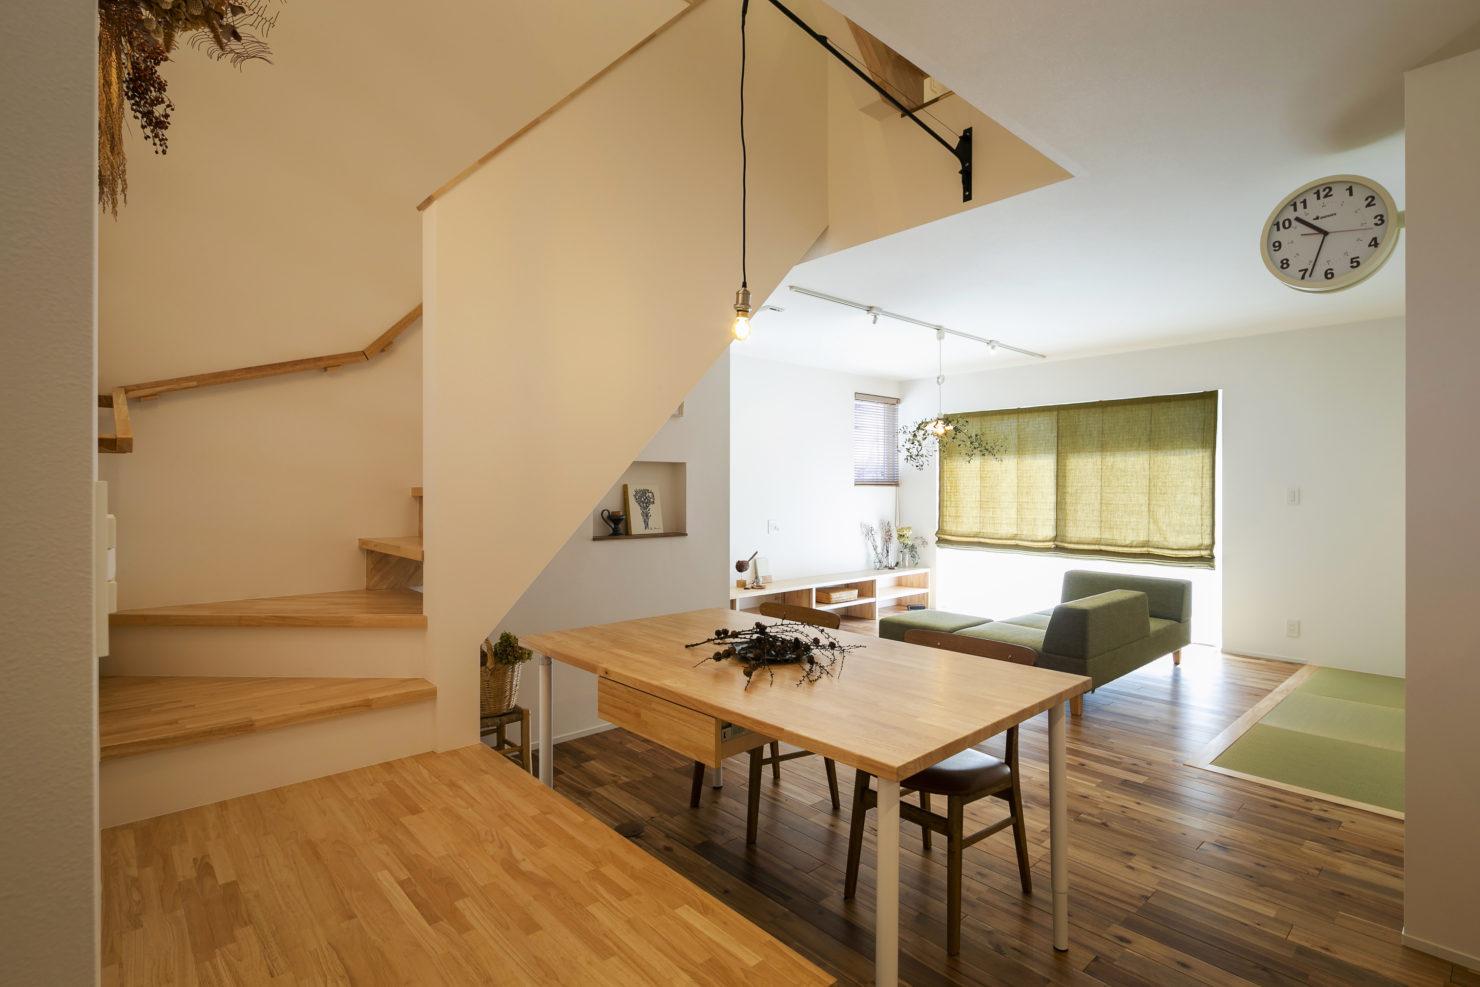 ハウスM21+archi「周囲との関係性・持続性のあるデザイン」ダイニング写真